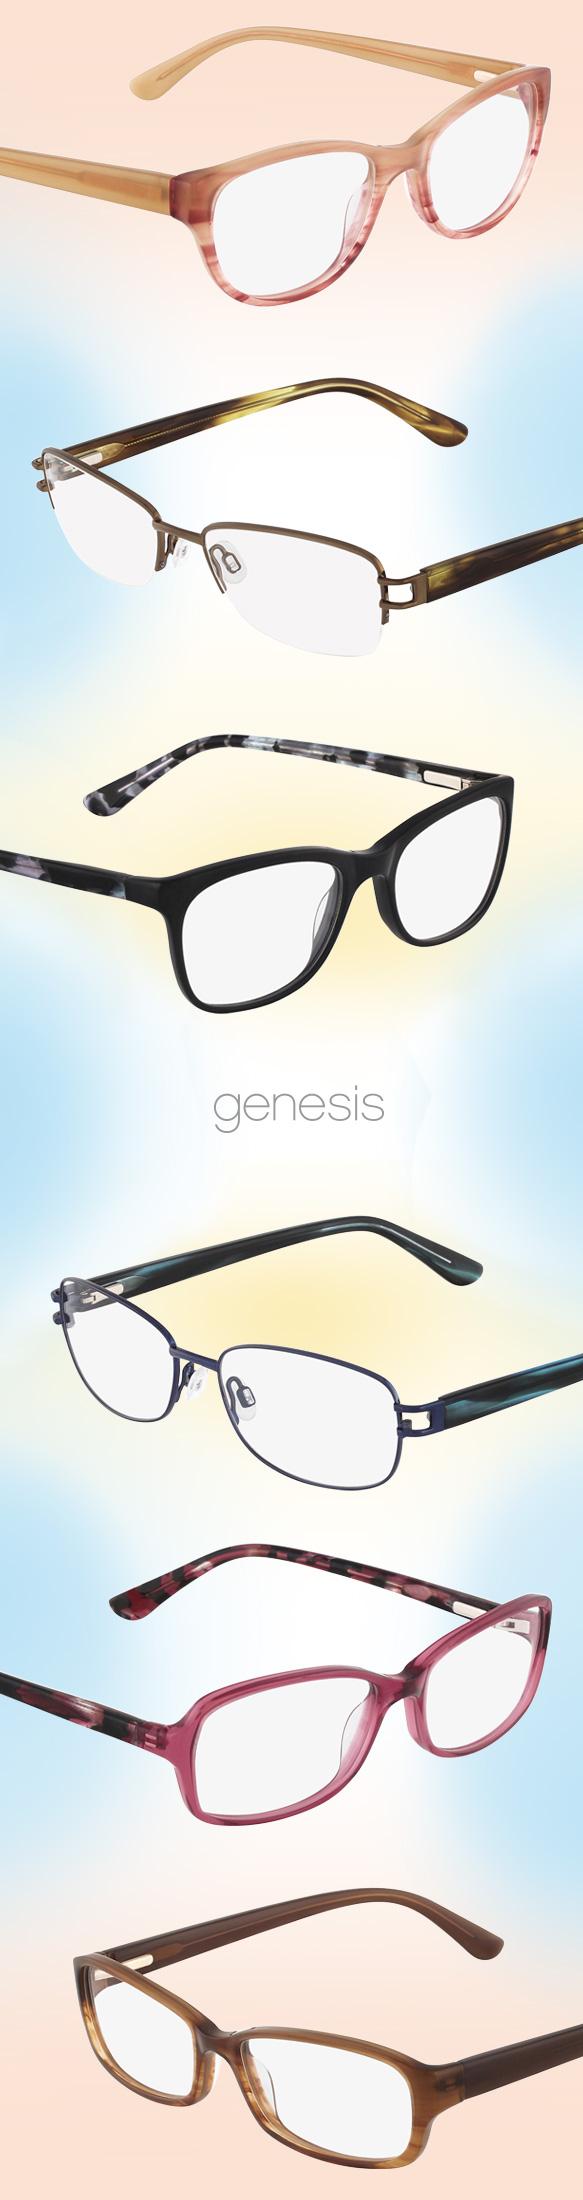 Genesis (G5021), Genesis (G5016), Genesis (G5018), Genesis (G5017),  Genesis (G5019), Genesis (G5020)